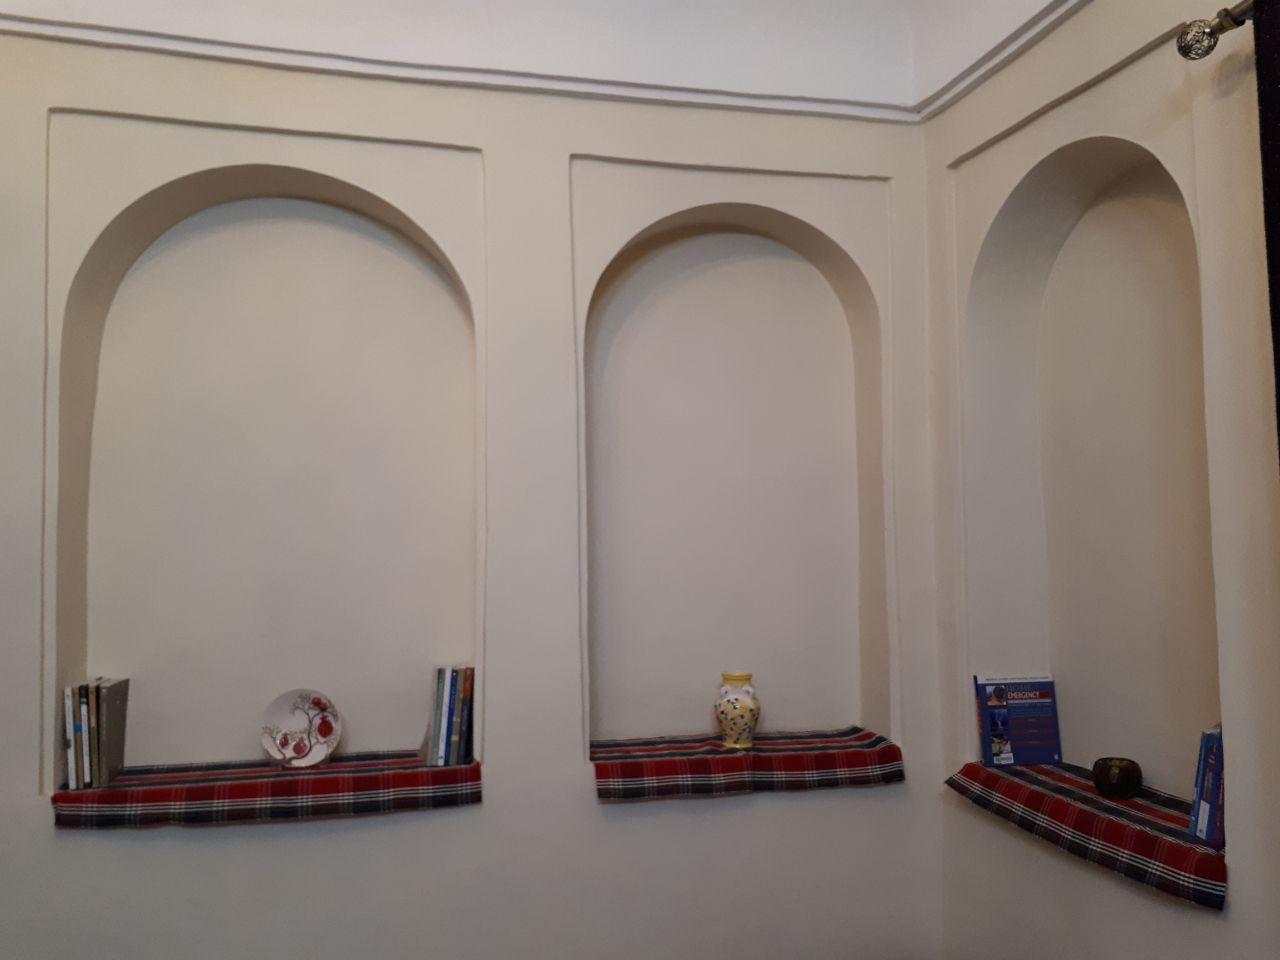 بوم گردی اتاق بومگردی در امام خمینی یزد - آسمان